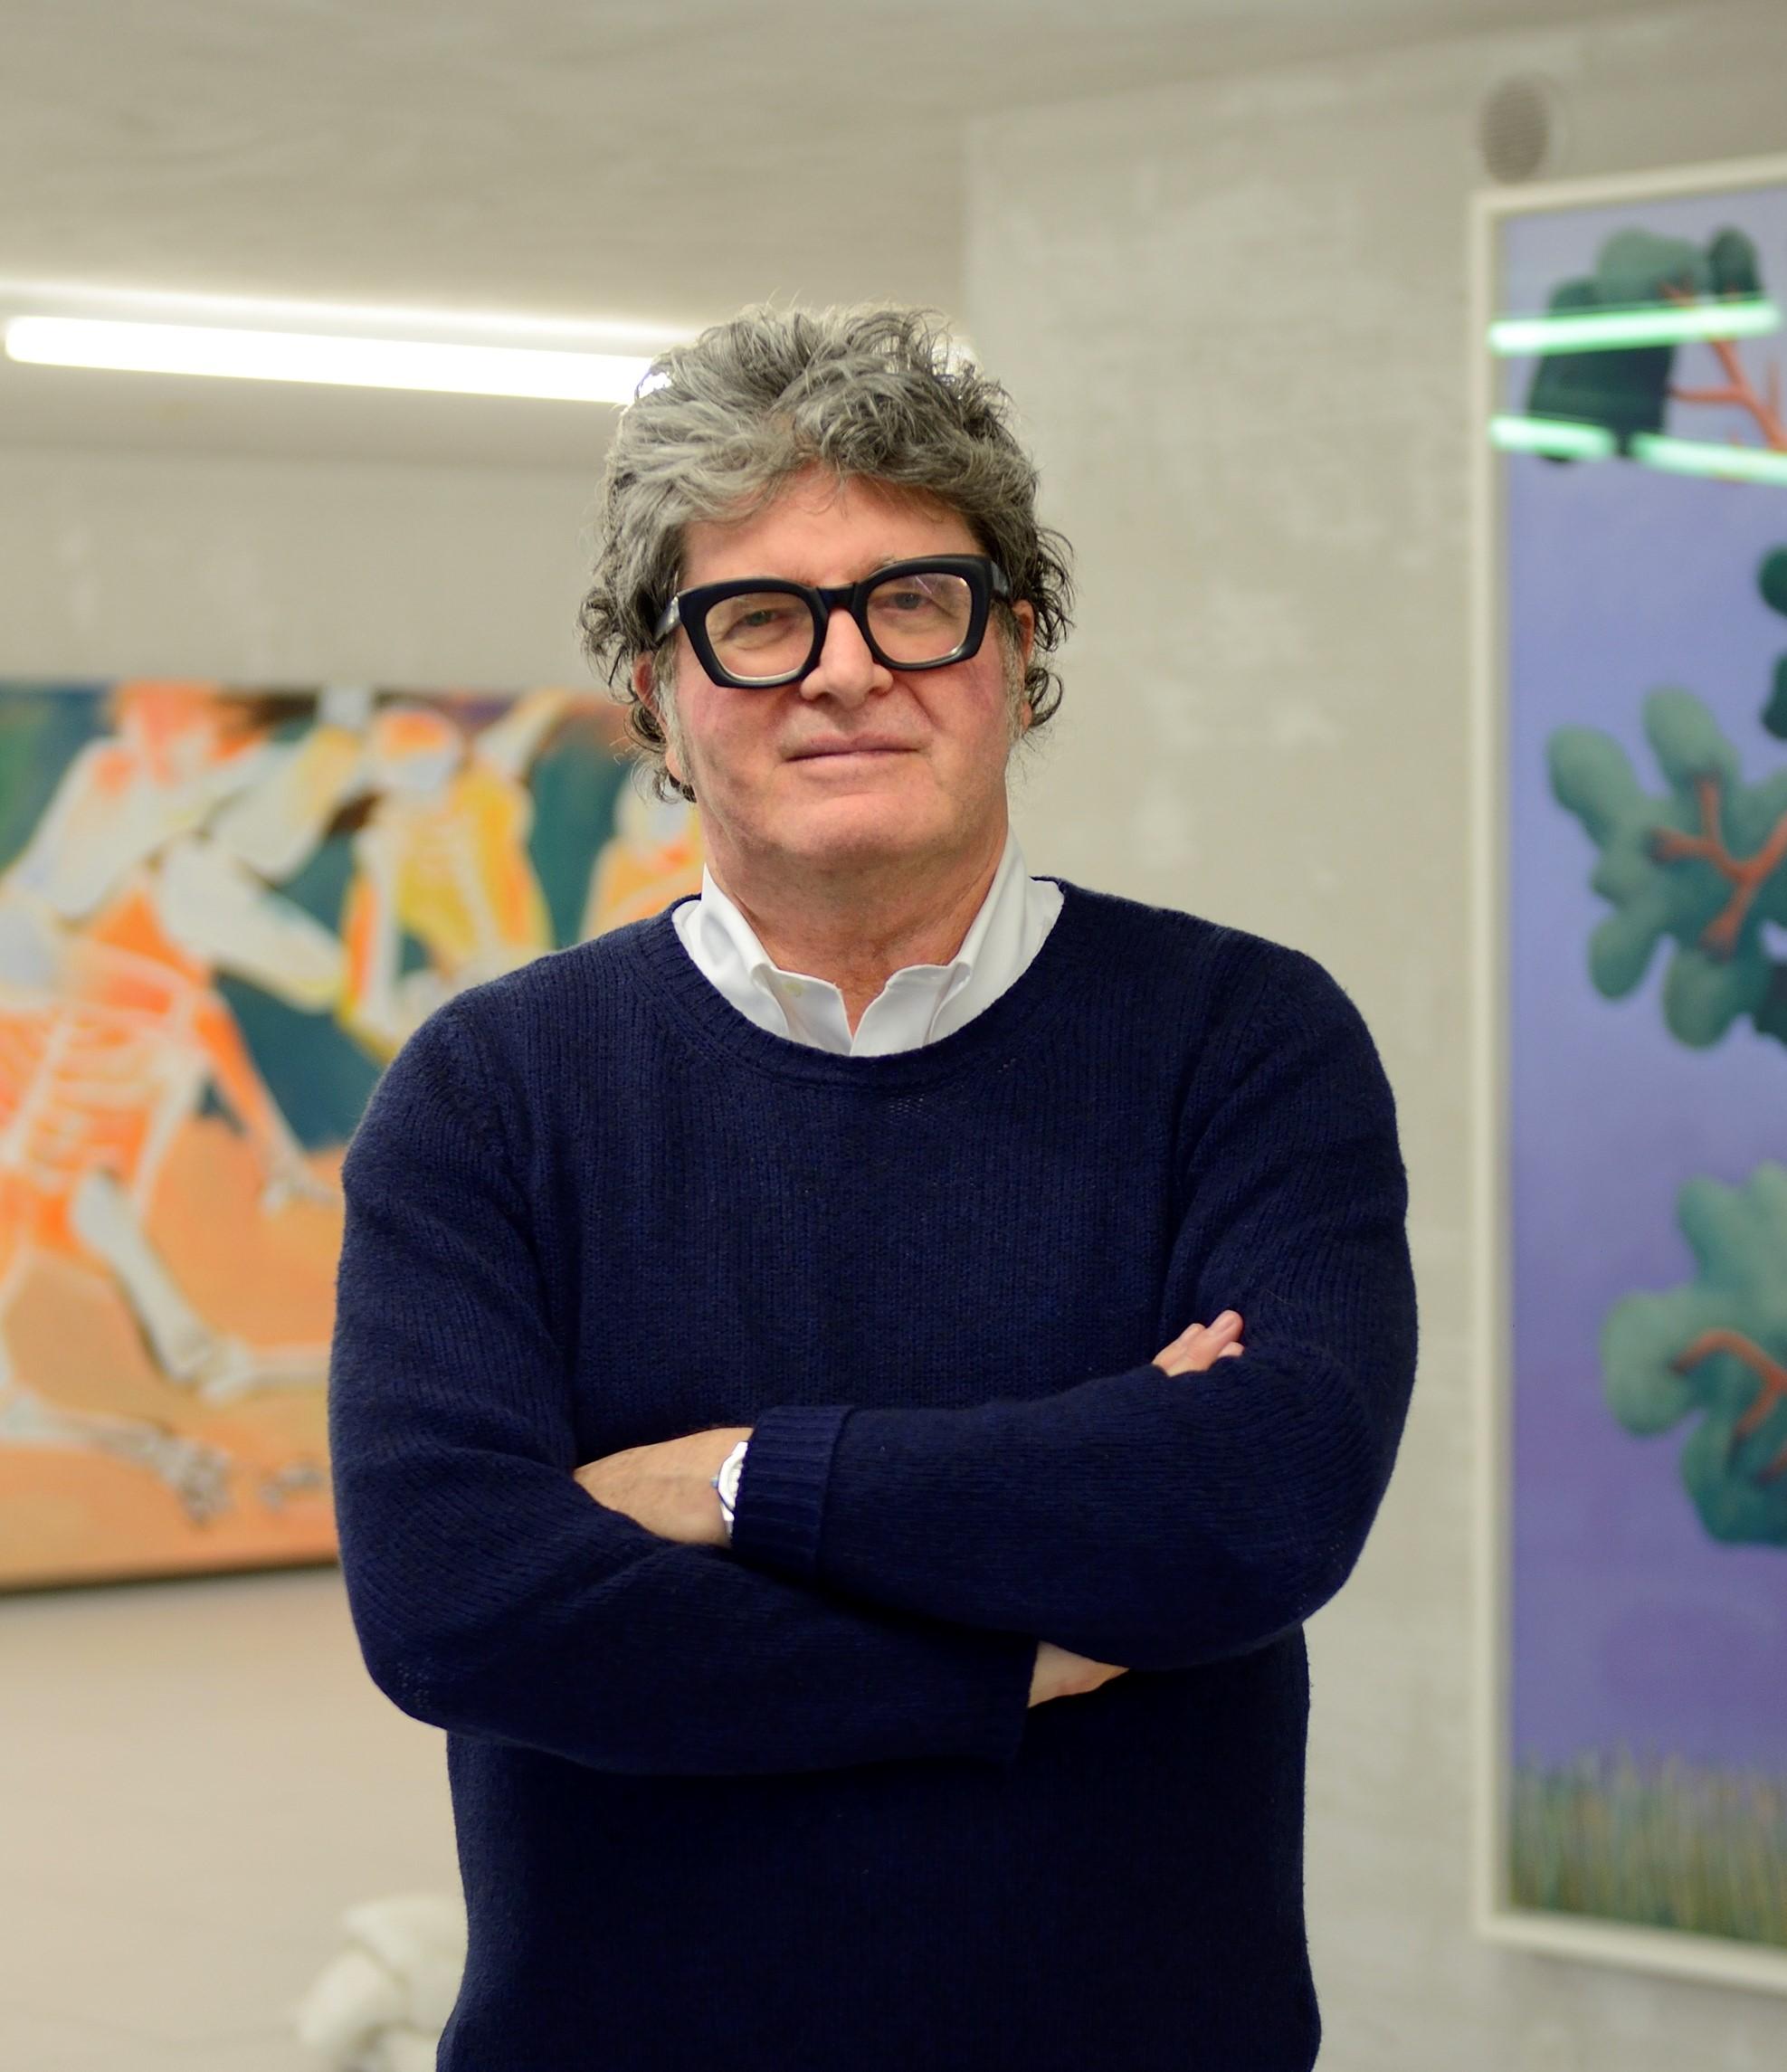 Mauro De Iorio in one of this exhibition spaces. Photo: Alessandro Gadotti. Courtesy of Mauro De Iorio.